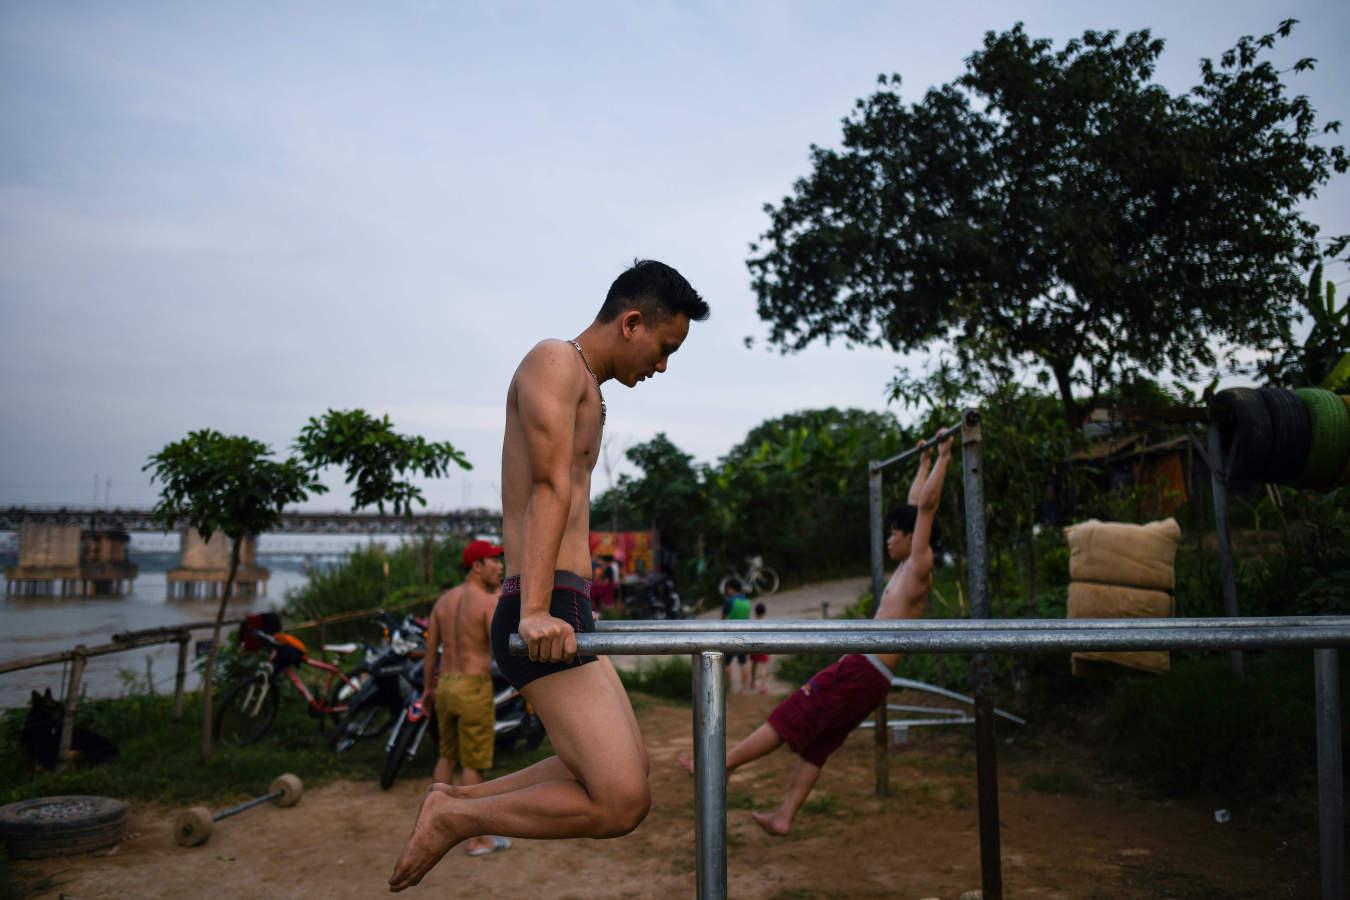 Entrenando al aire libre